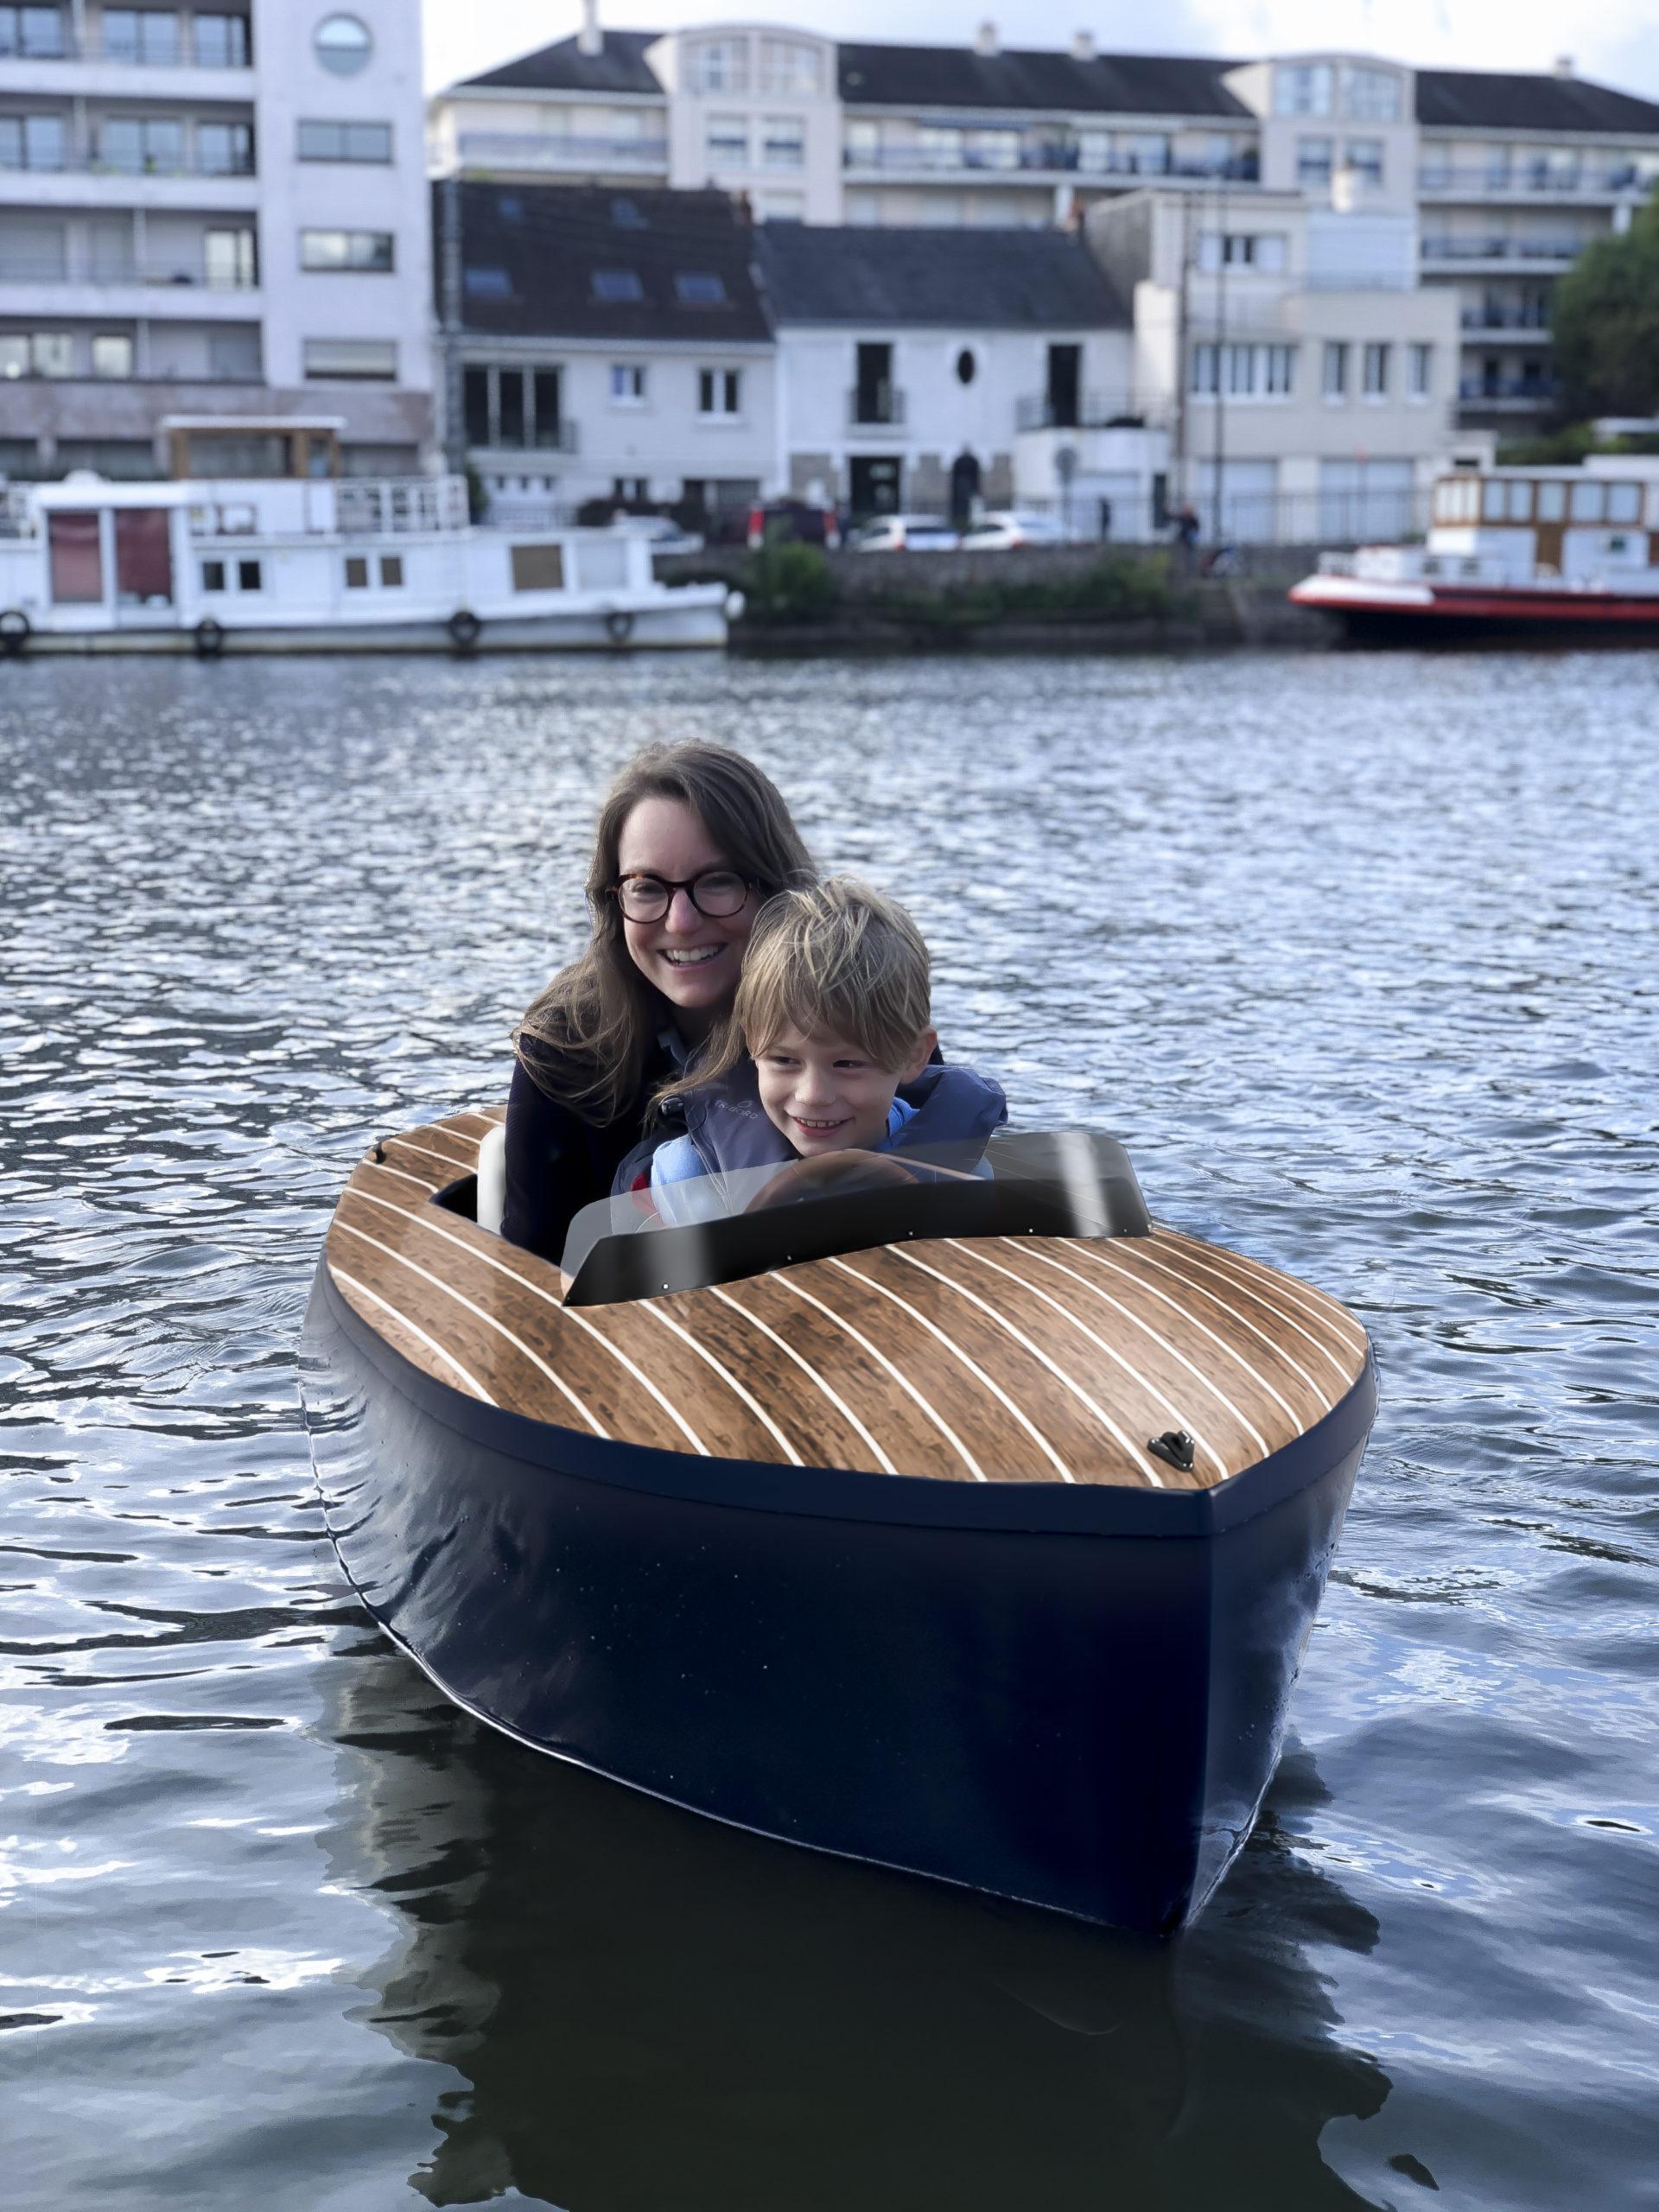 Runabout Dandy bateau et enfant